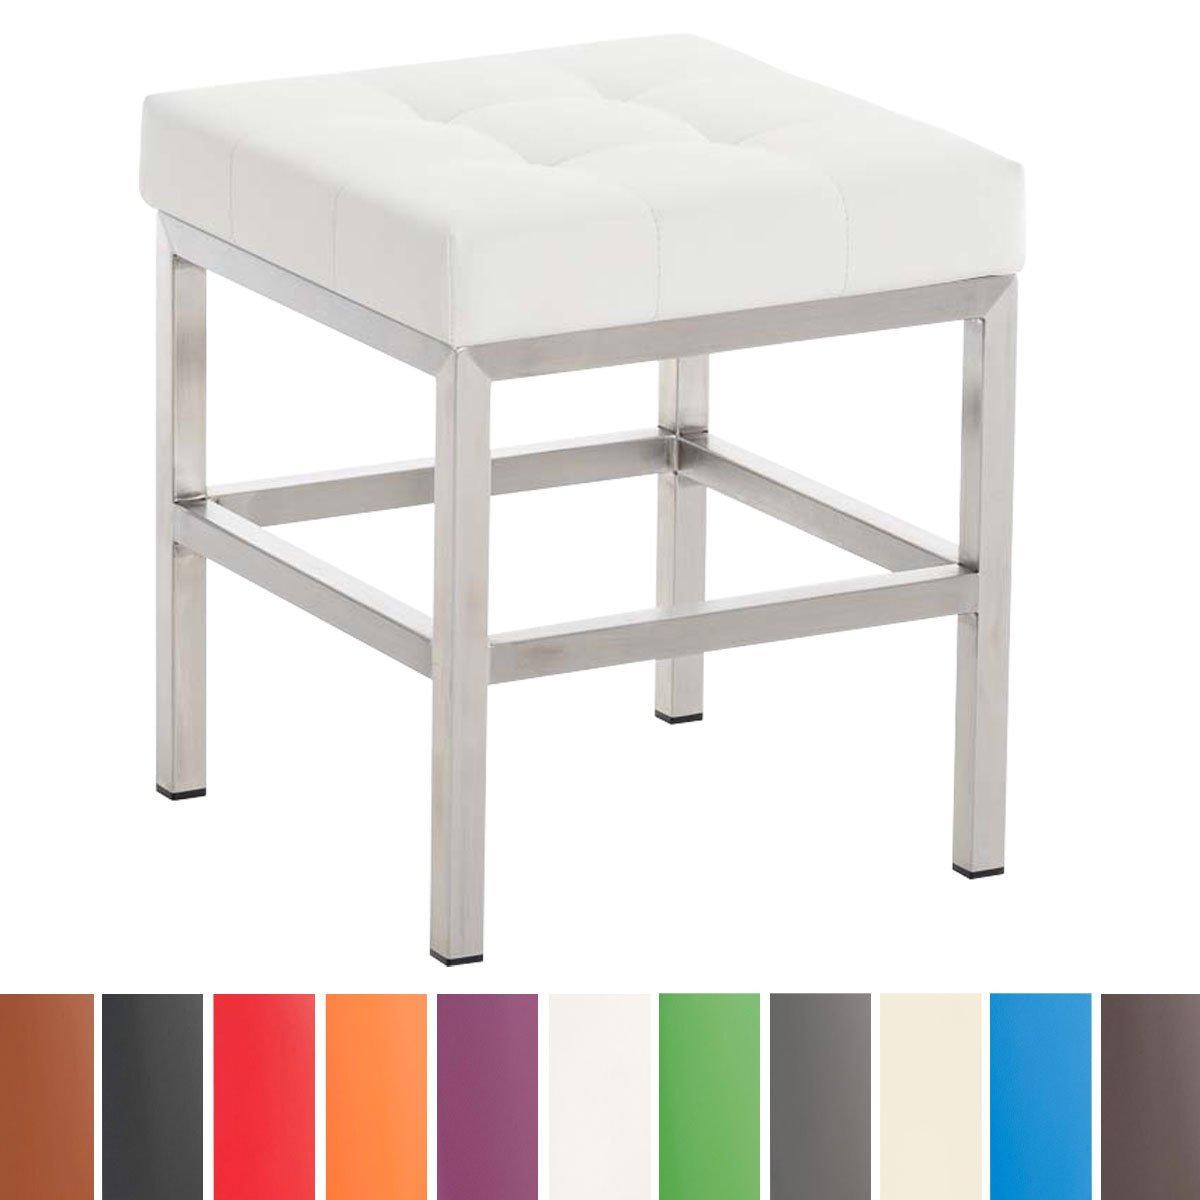 CLP Tabouret bas design ST.PAULI en similicuir - 4 pieds en métal - hauteur de l'assise en. 45 cm - rembourré blanc